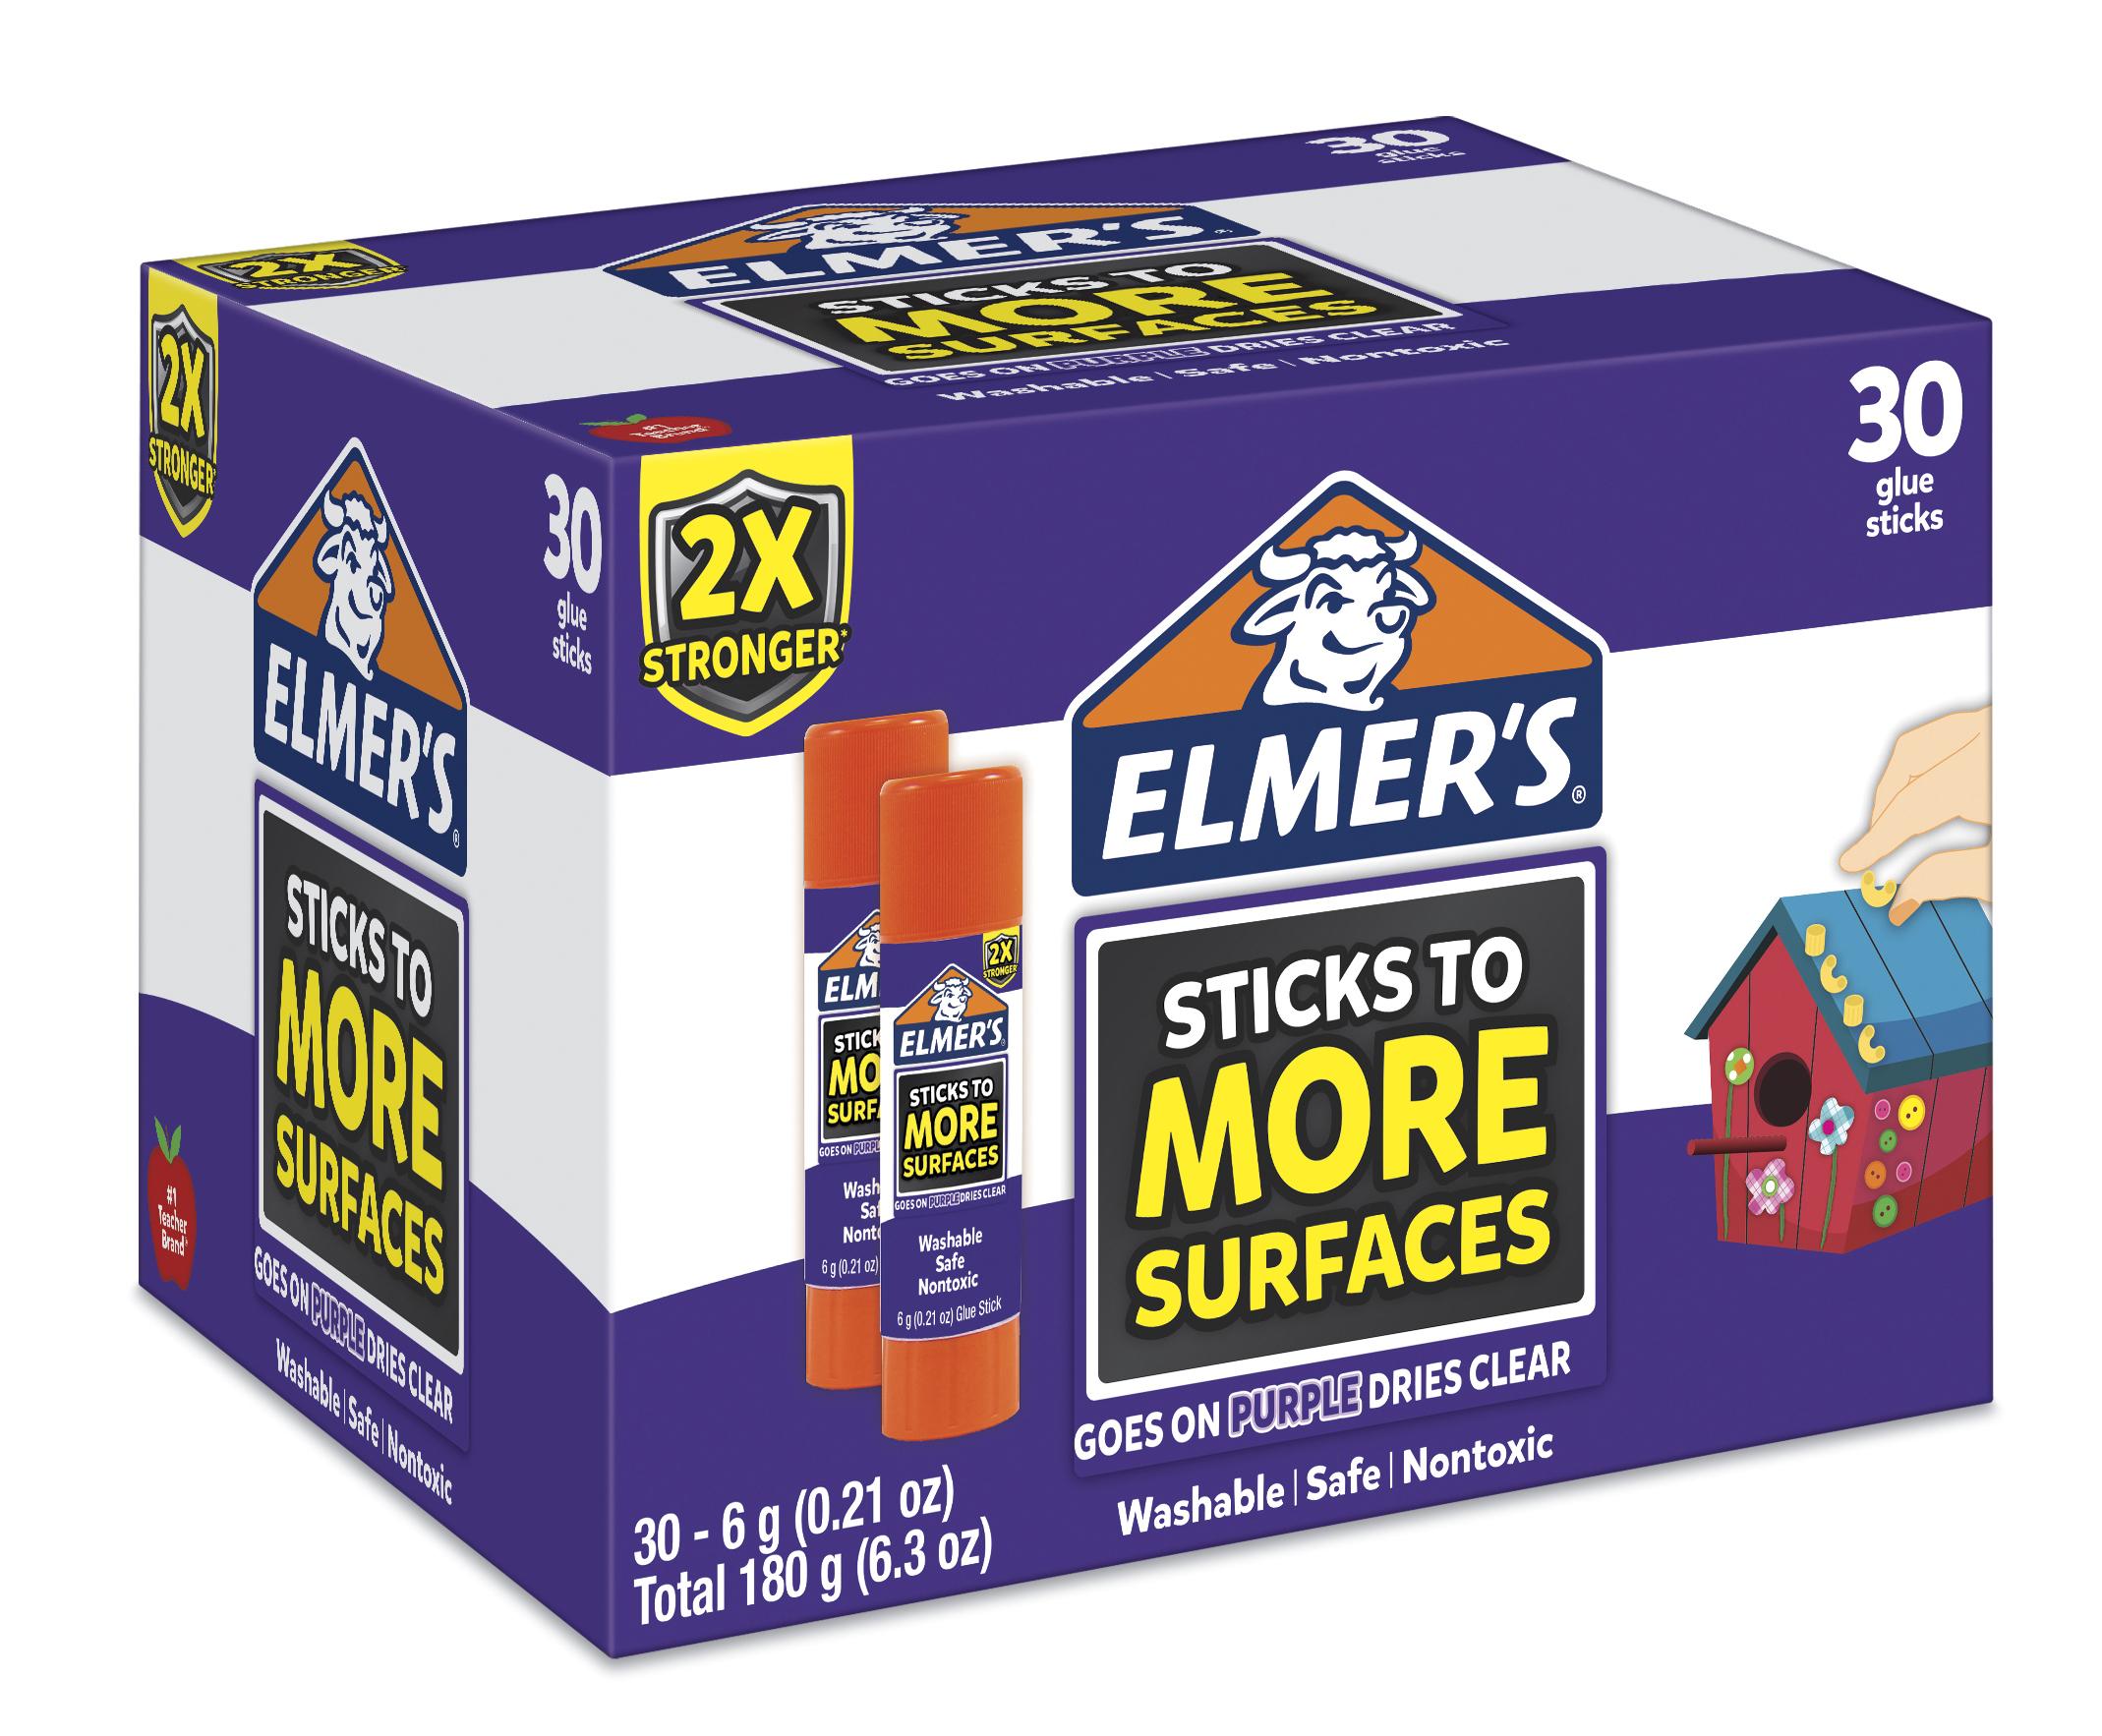 2044283-wace-elmers-glue-stick 30ct-in-pack-2.jpg